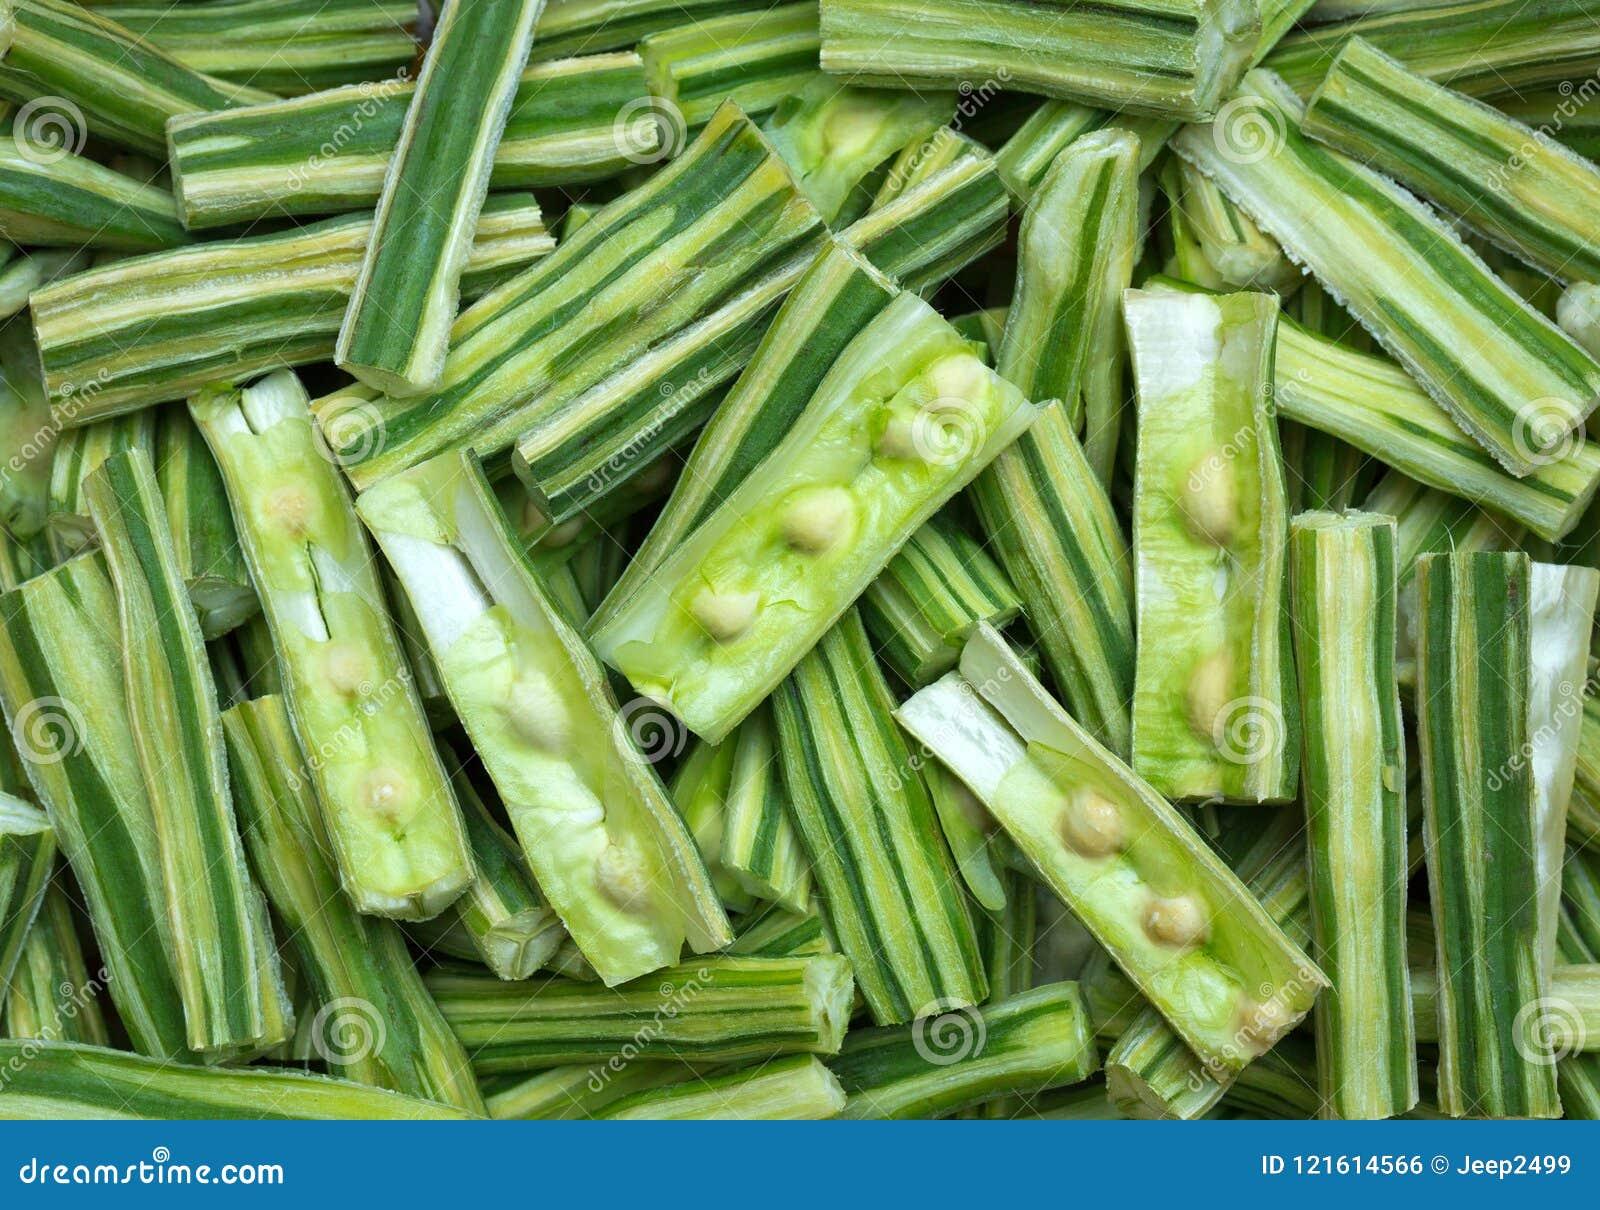 Arbre de raifort sauvage, pilon ou Moringa, herbes coupées en tranches